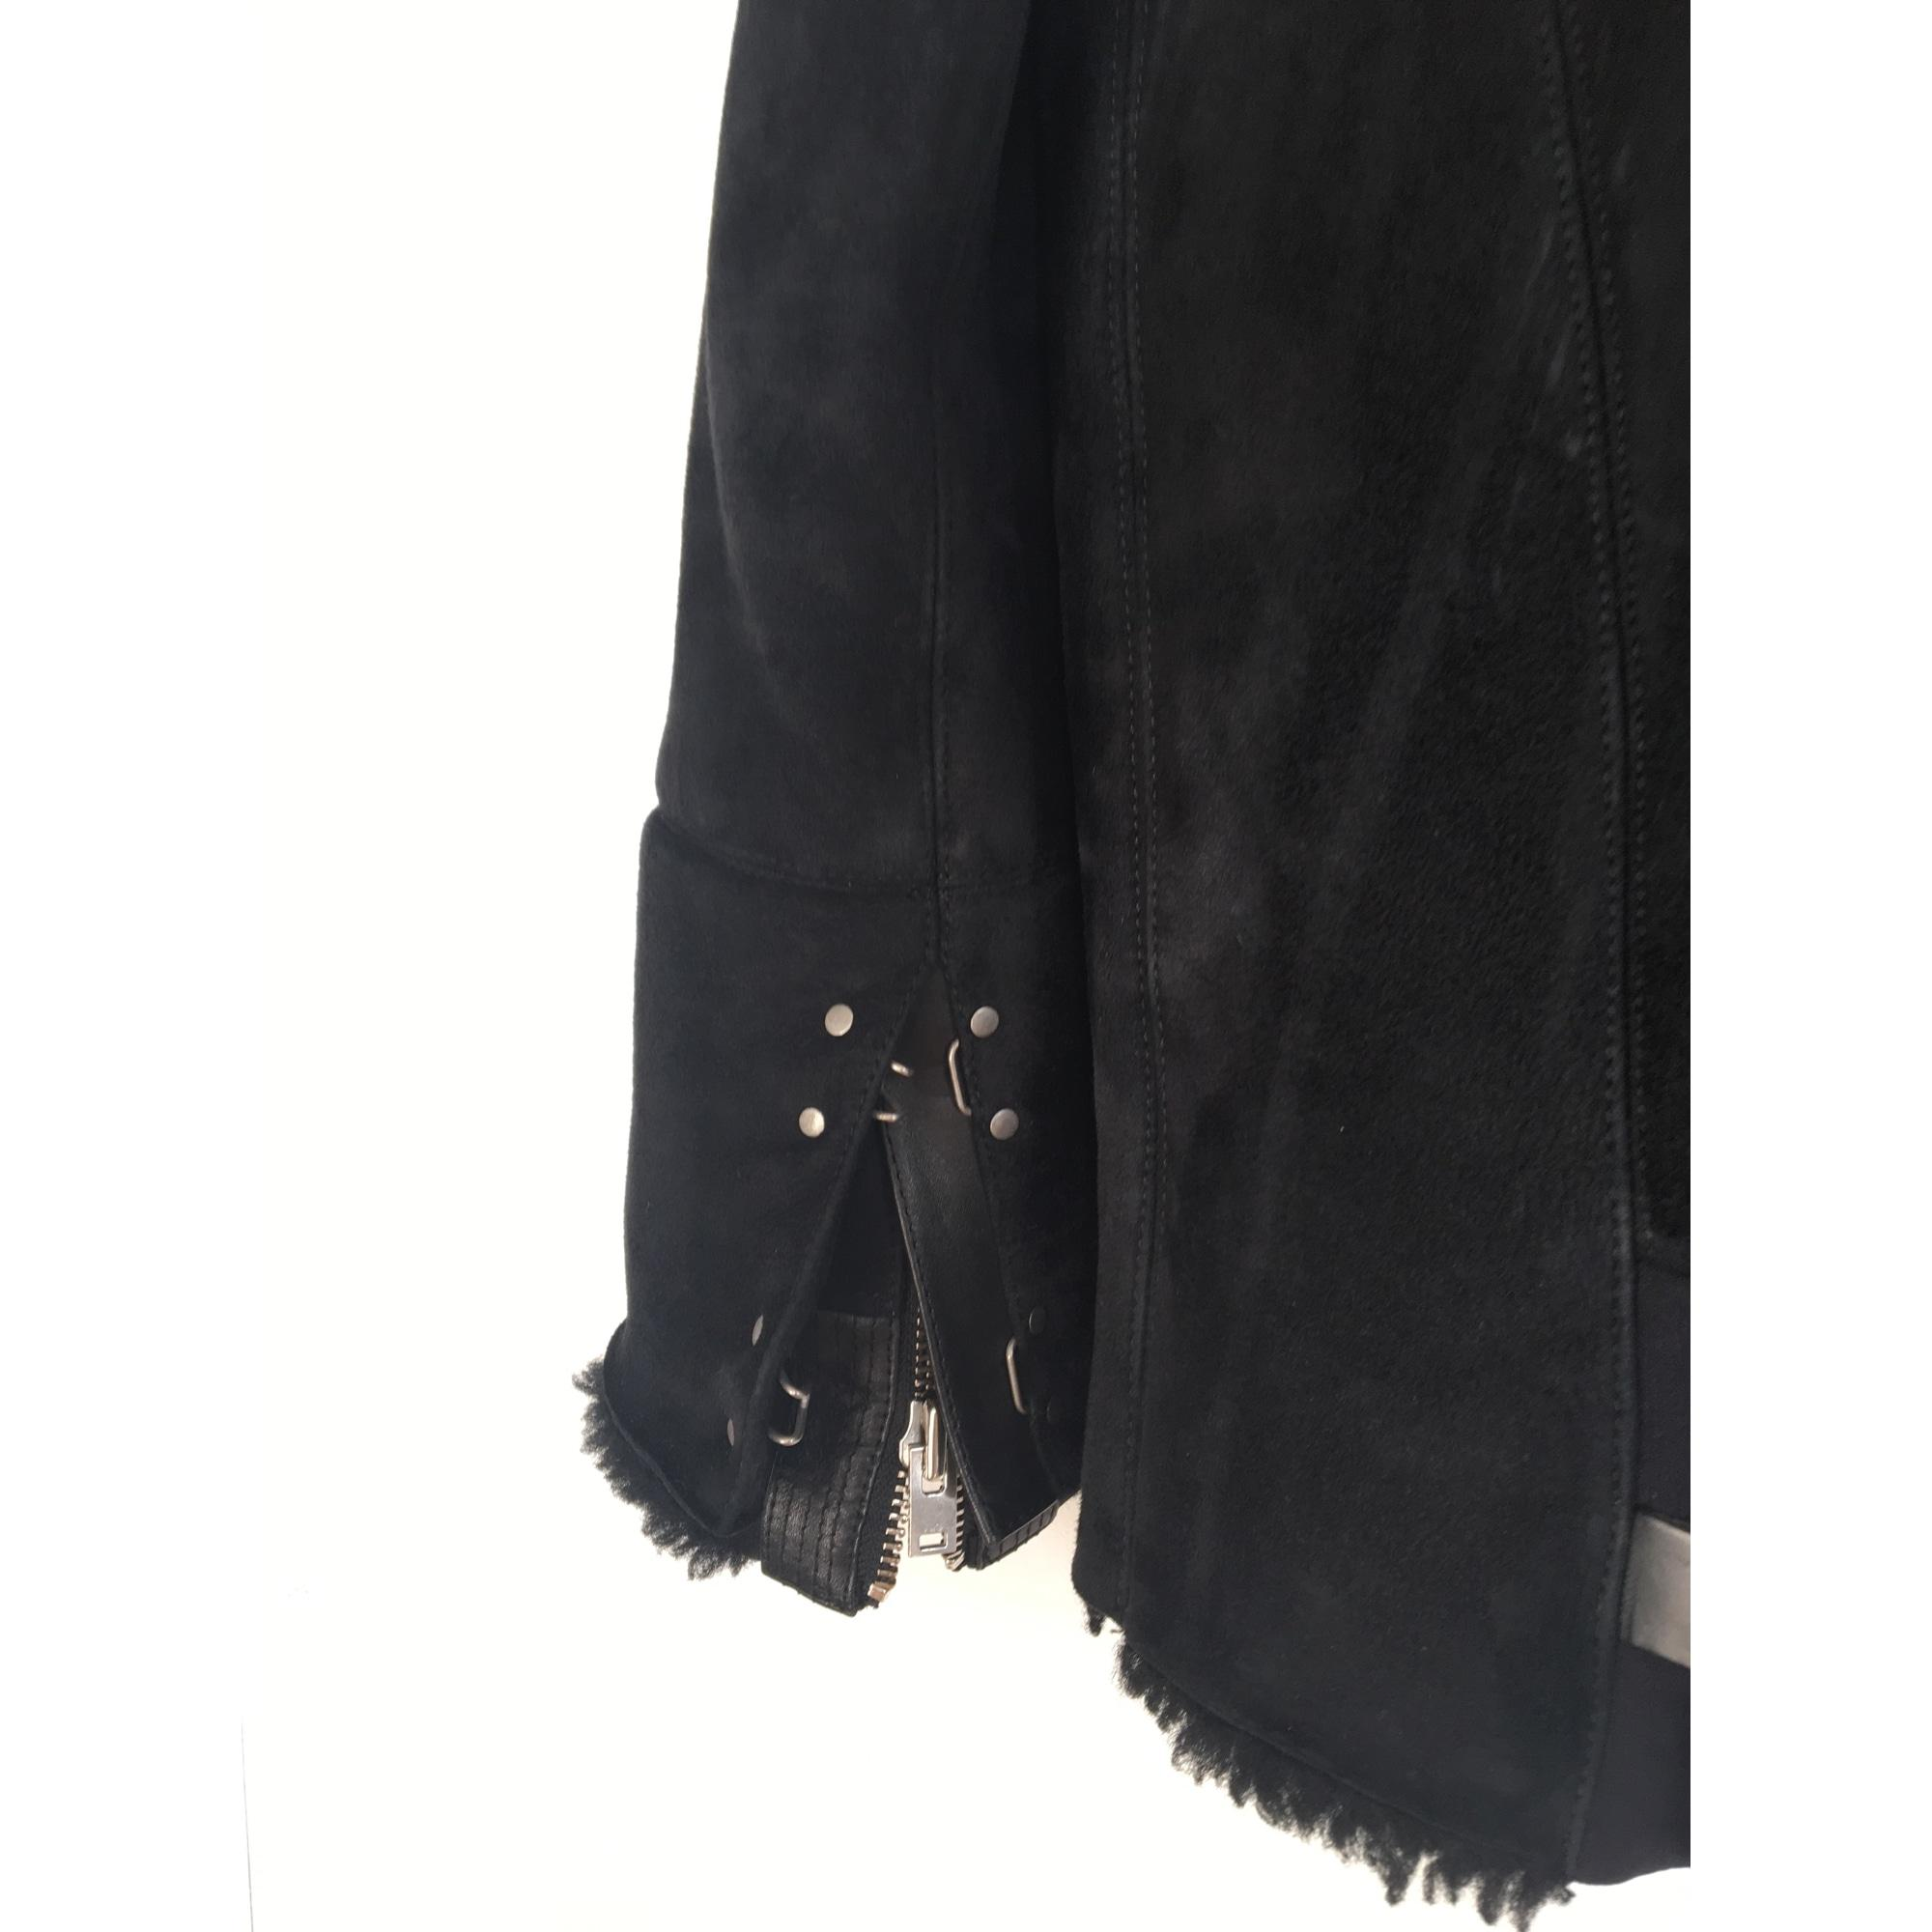 Manteau peau retournée, 100% mouton noir IRO en coloris Noir  90T0M